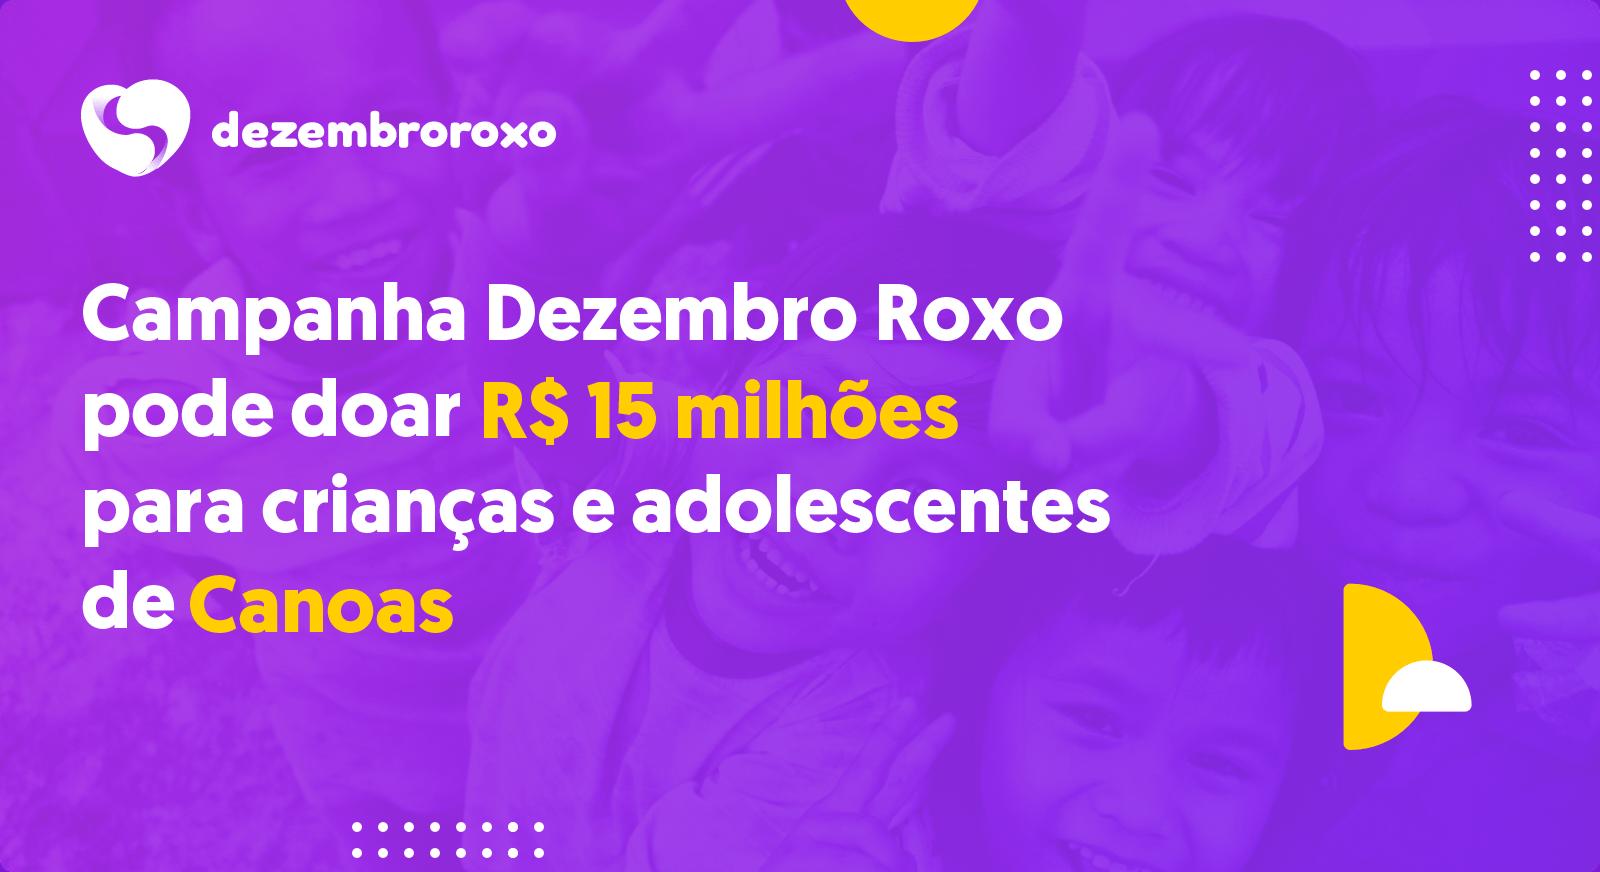 Doações em Canoas - RS